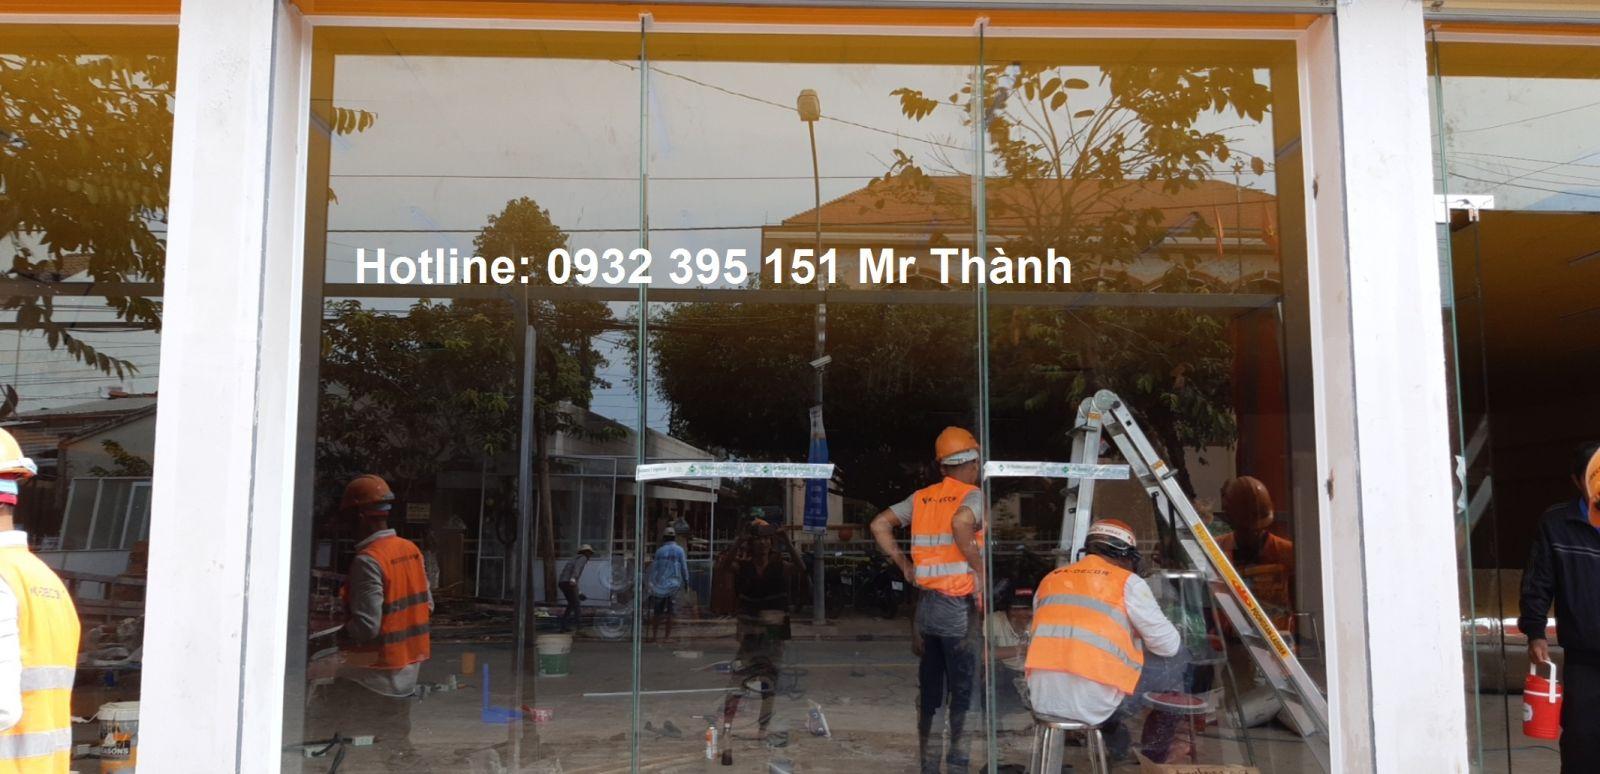 Lắp đặt cửa kính- vách kính 10mm tại Cửa Hàng Bách Hóa Xanh